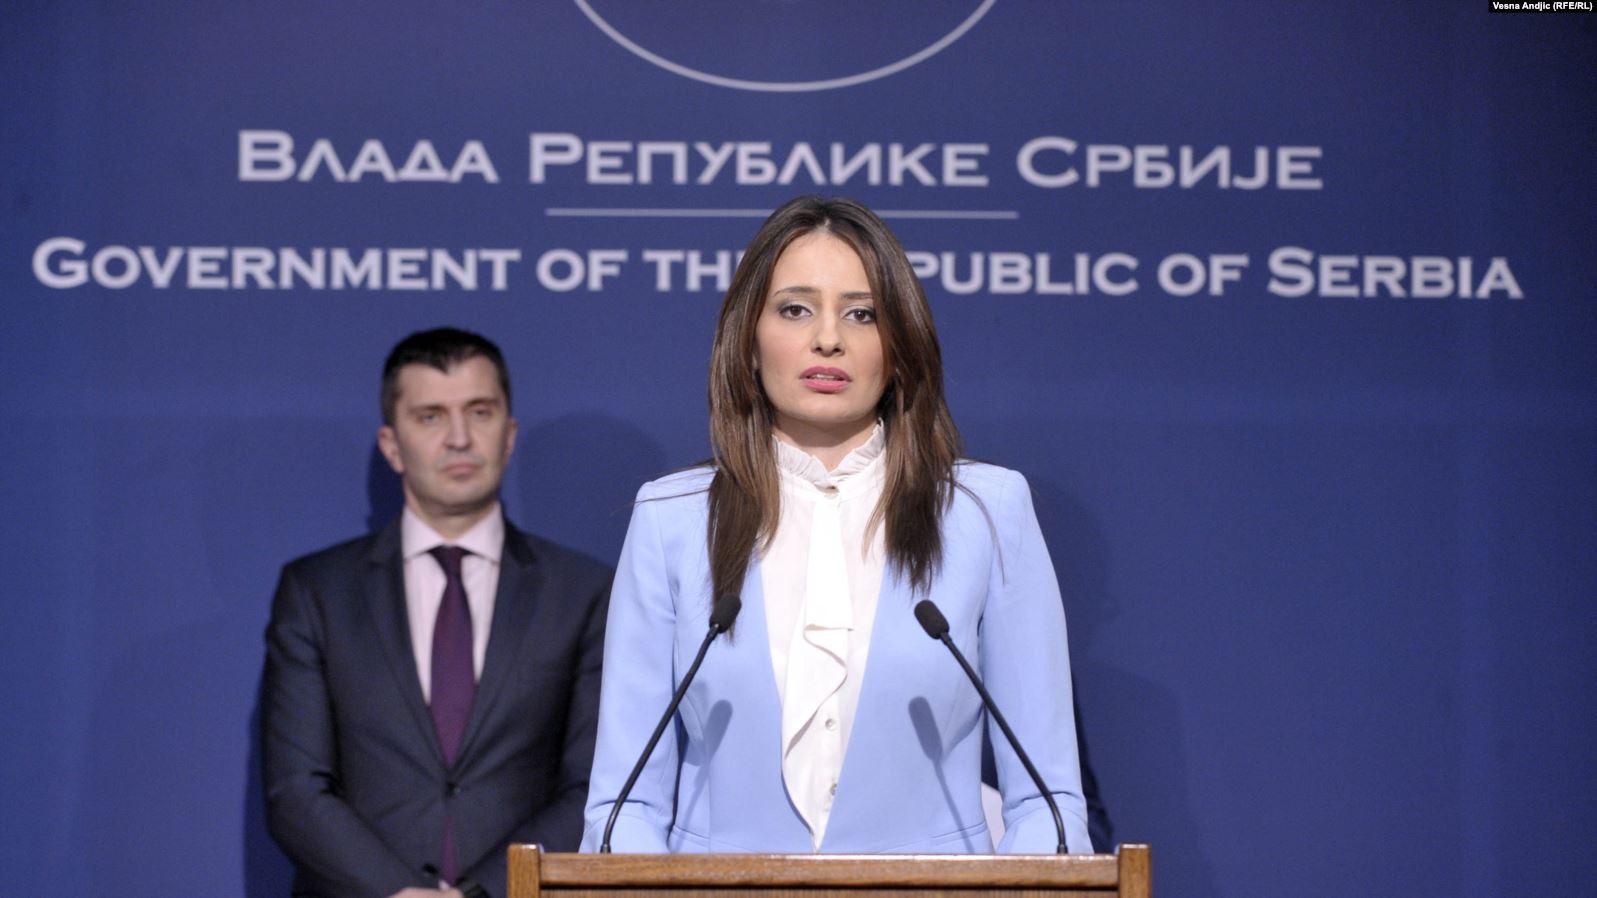 Ministria e Serbisë reagon pas vendimit për mos-ekstradim të Tomor Morinës